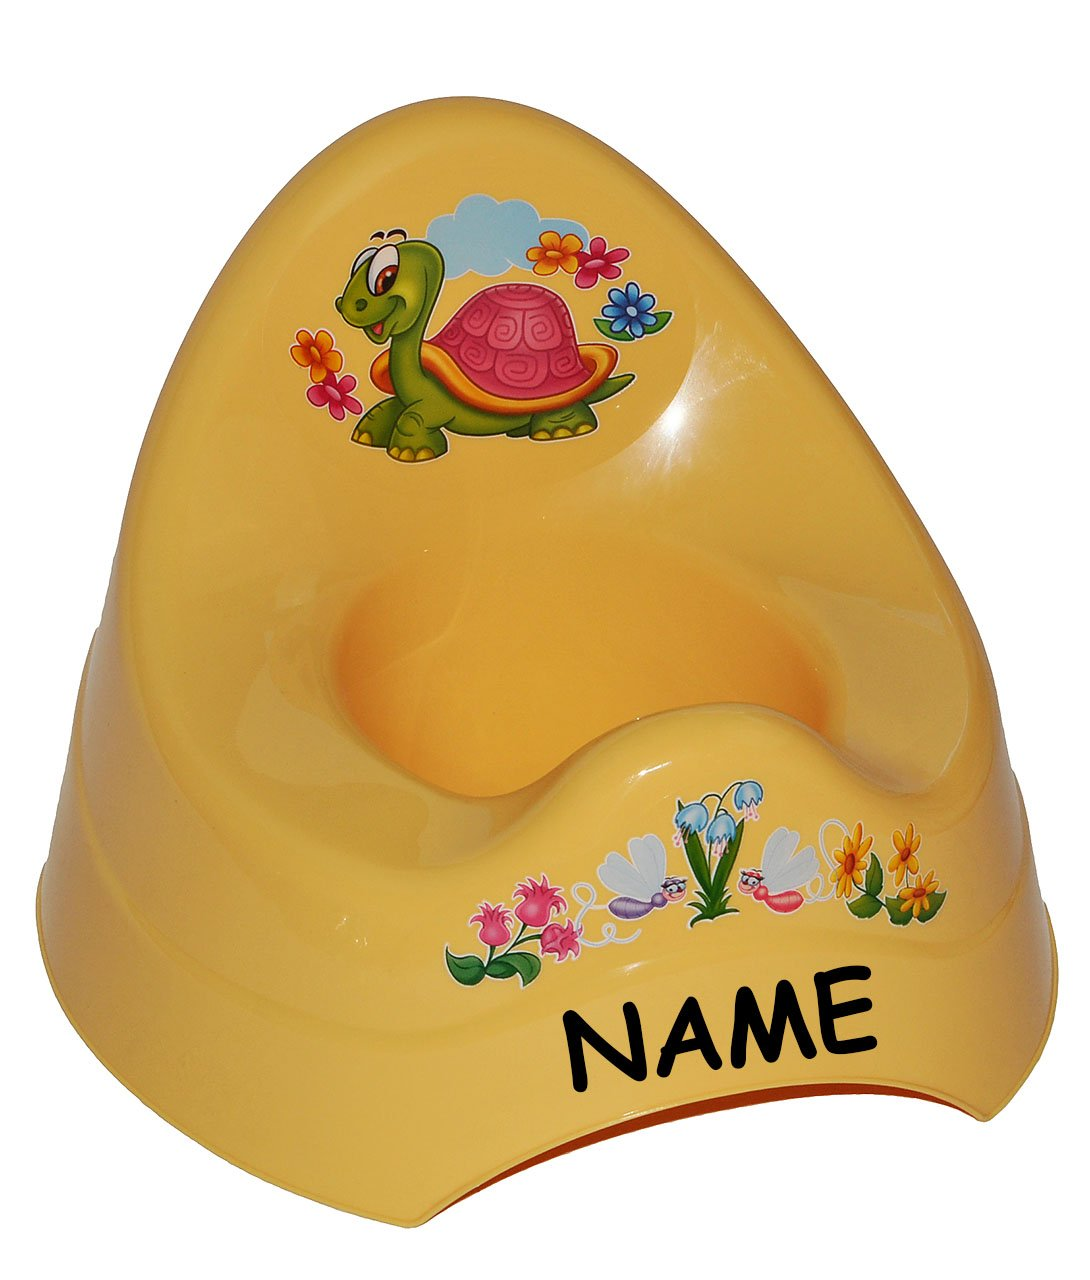 Unbekannt Töpfchen / Nachttopf - groß - mit großer Lehne + Spritzschutz incl. Namen - gelb Schildkröte Tiere - Babytöpfchen / Kindertopf / Lerntöpfchen - Toilettentrain.. Kinder-land